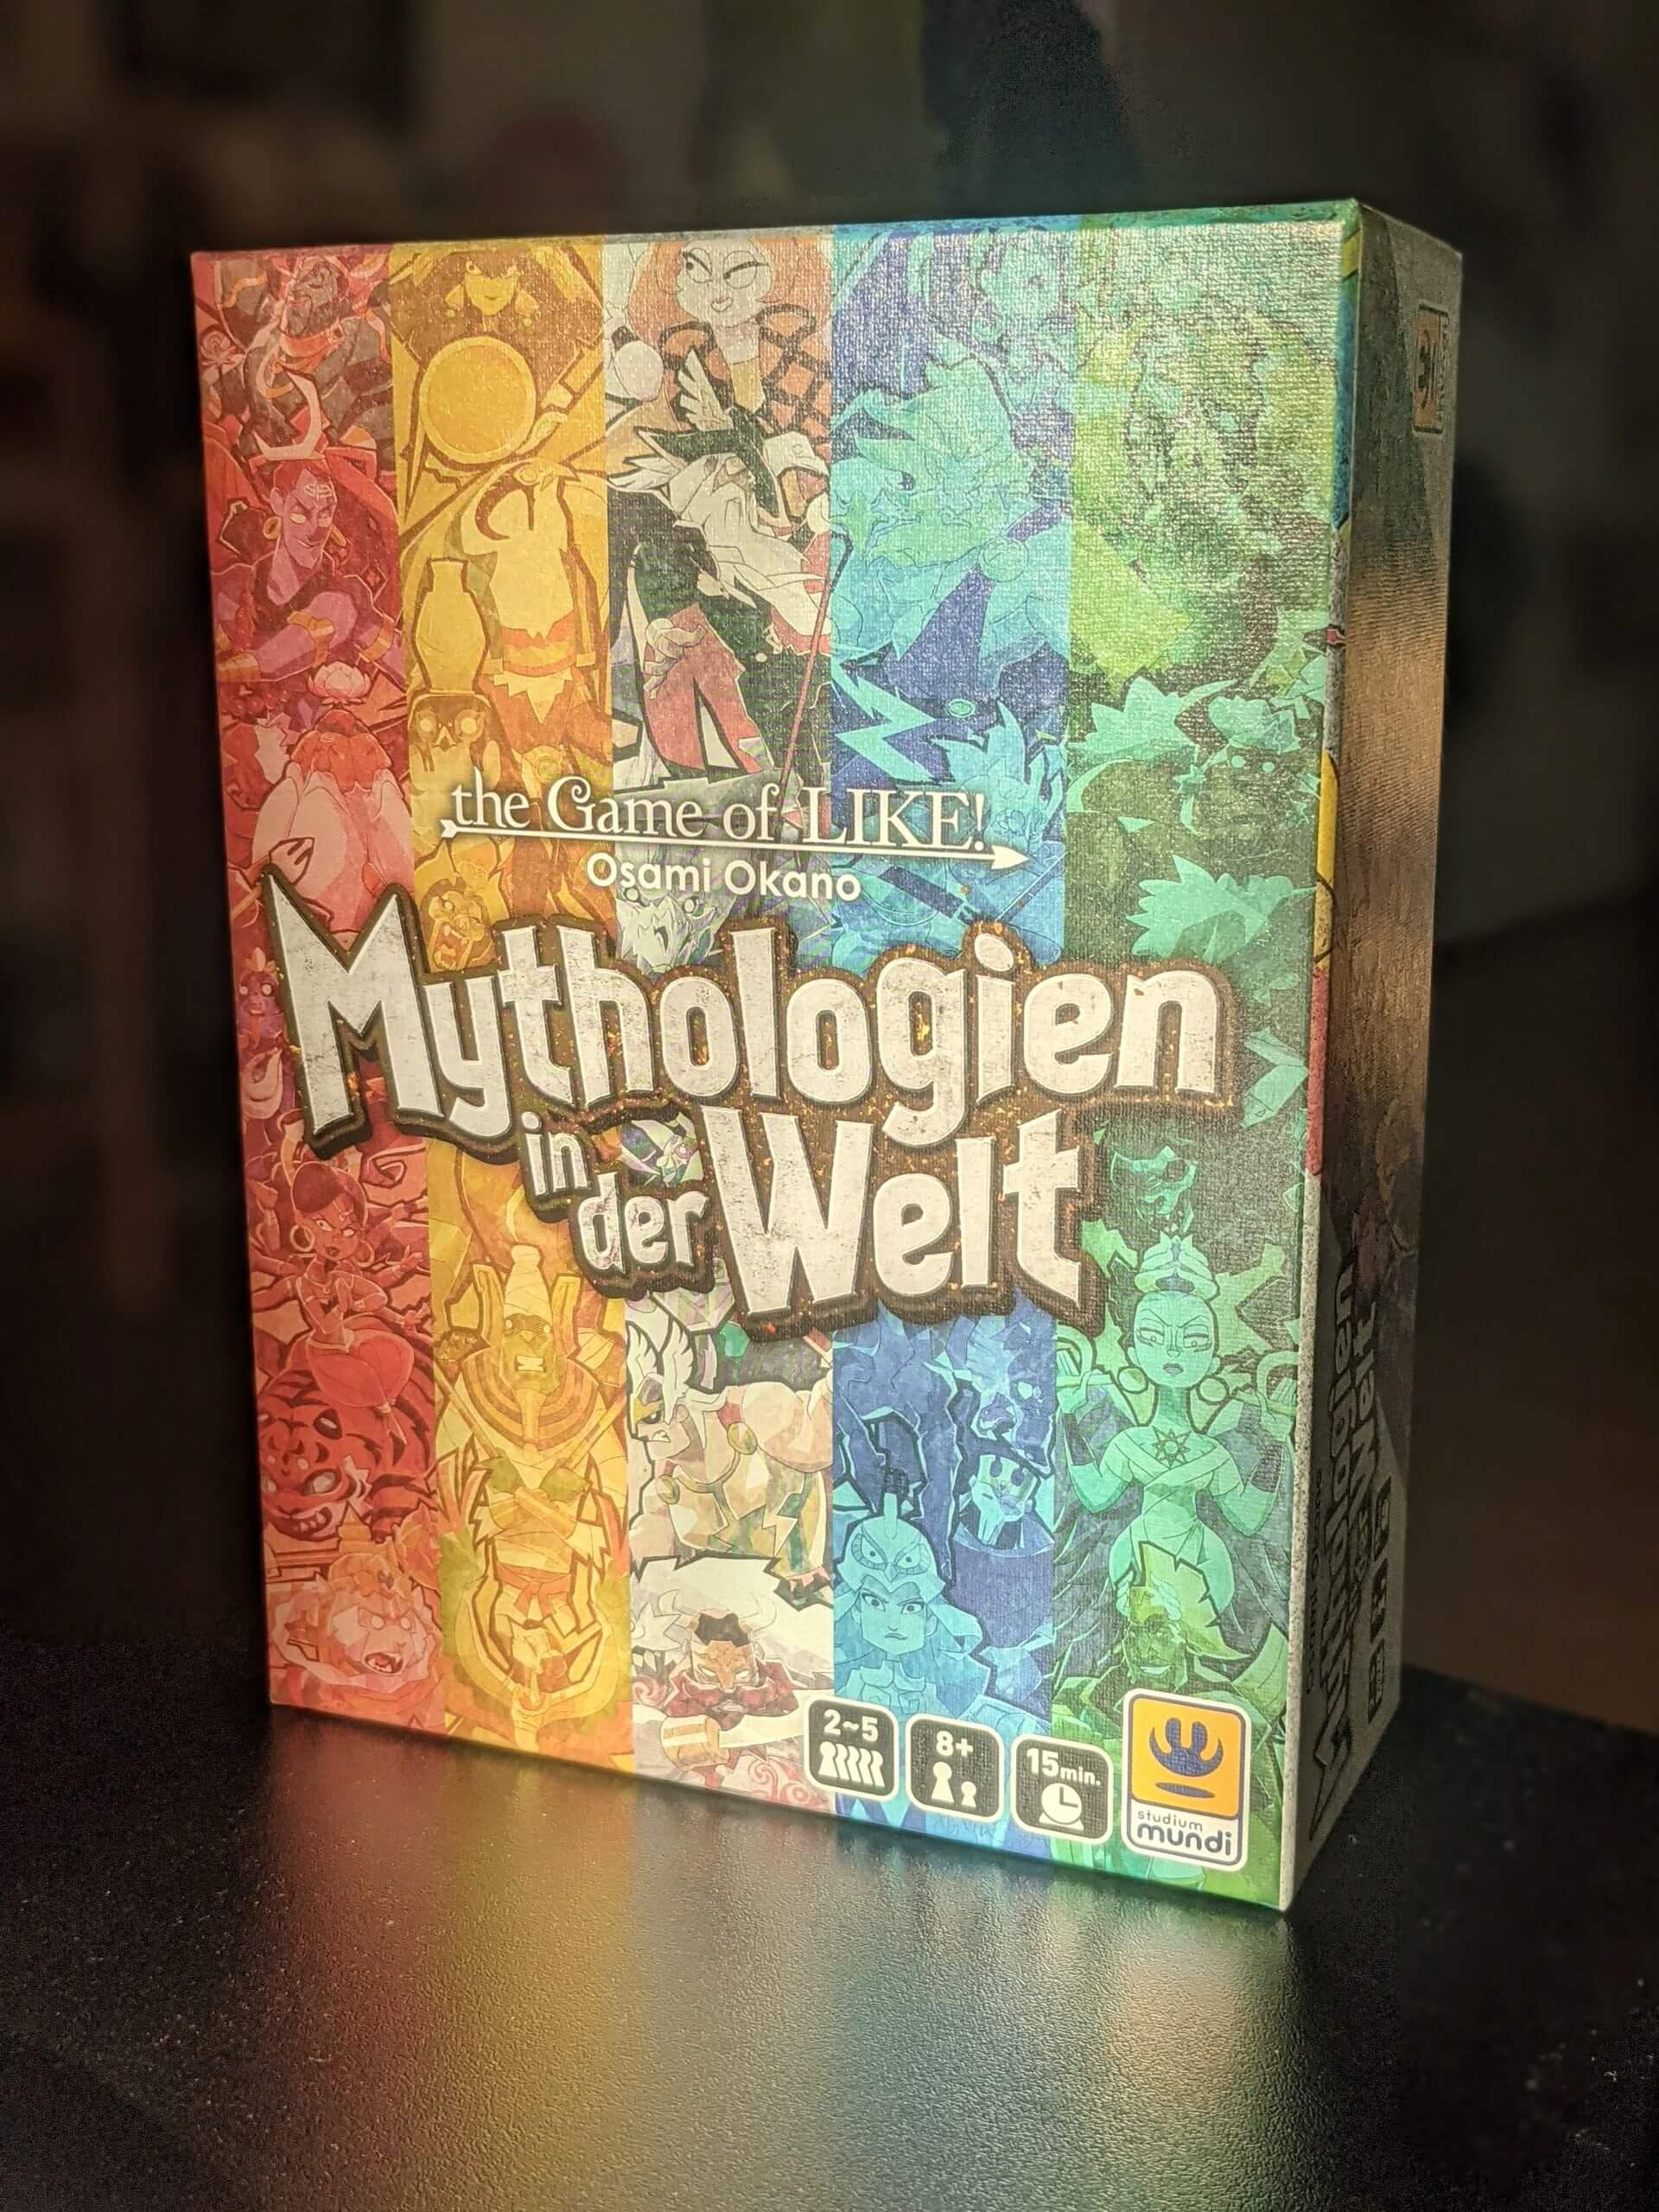 Mythologien in der Welt Review